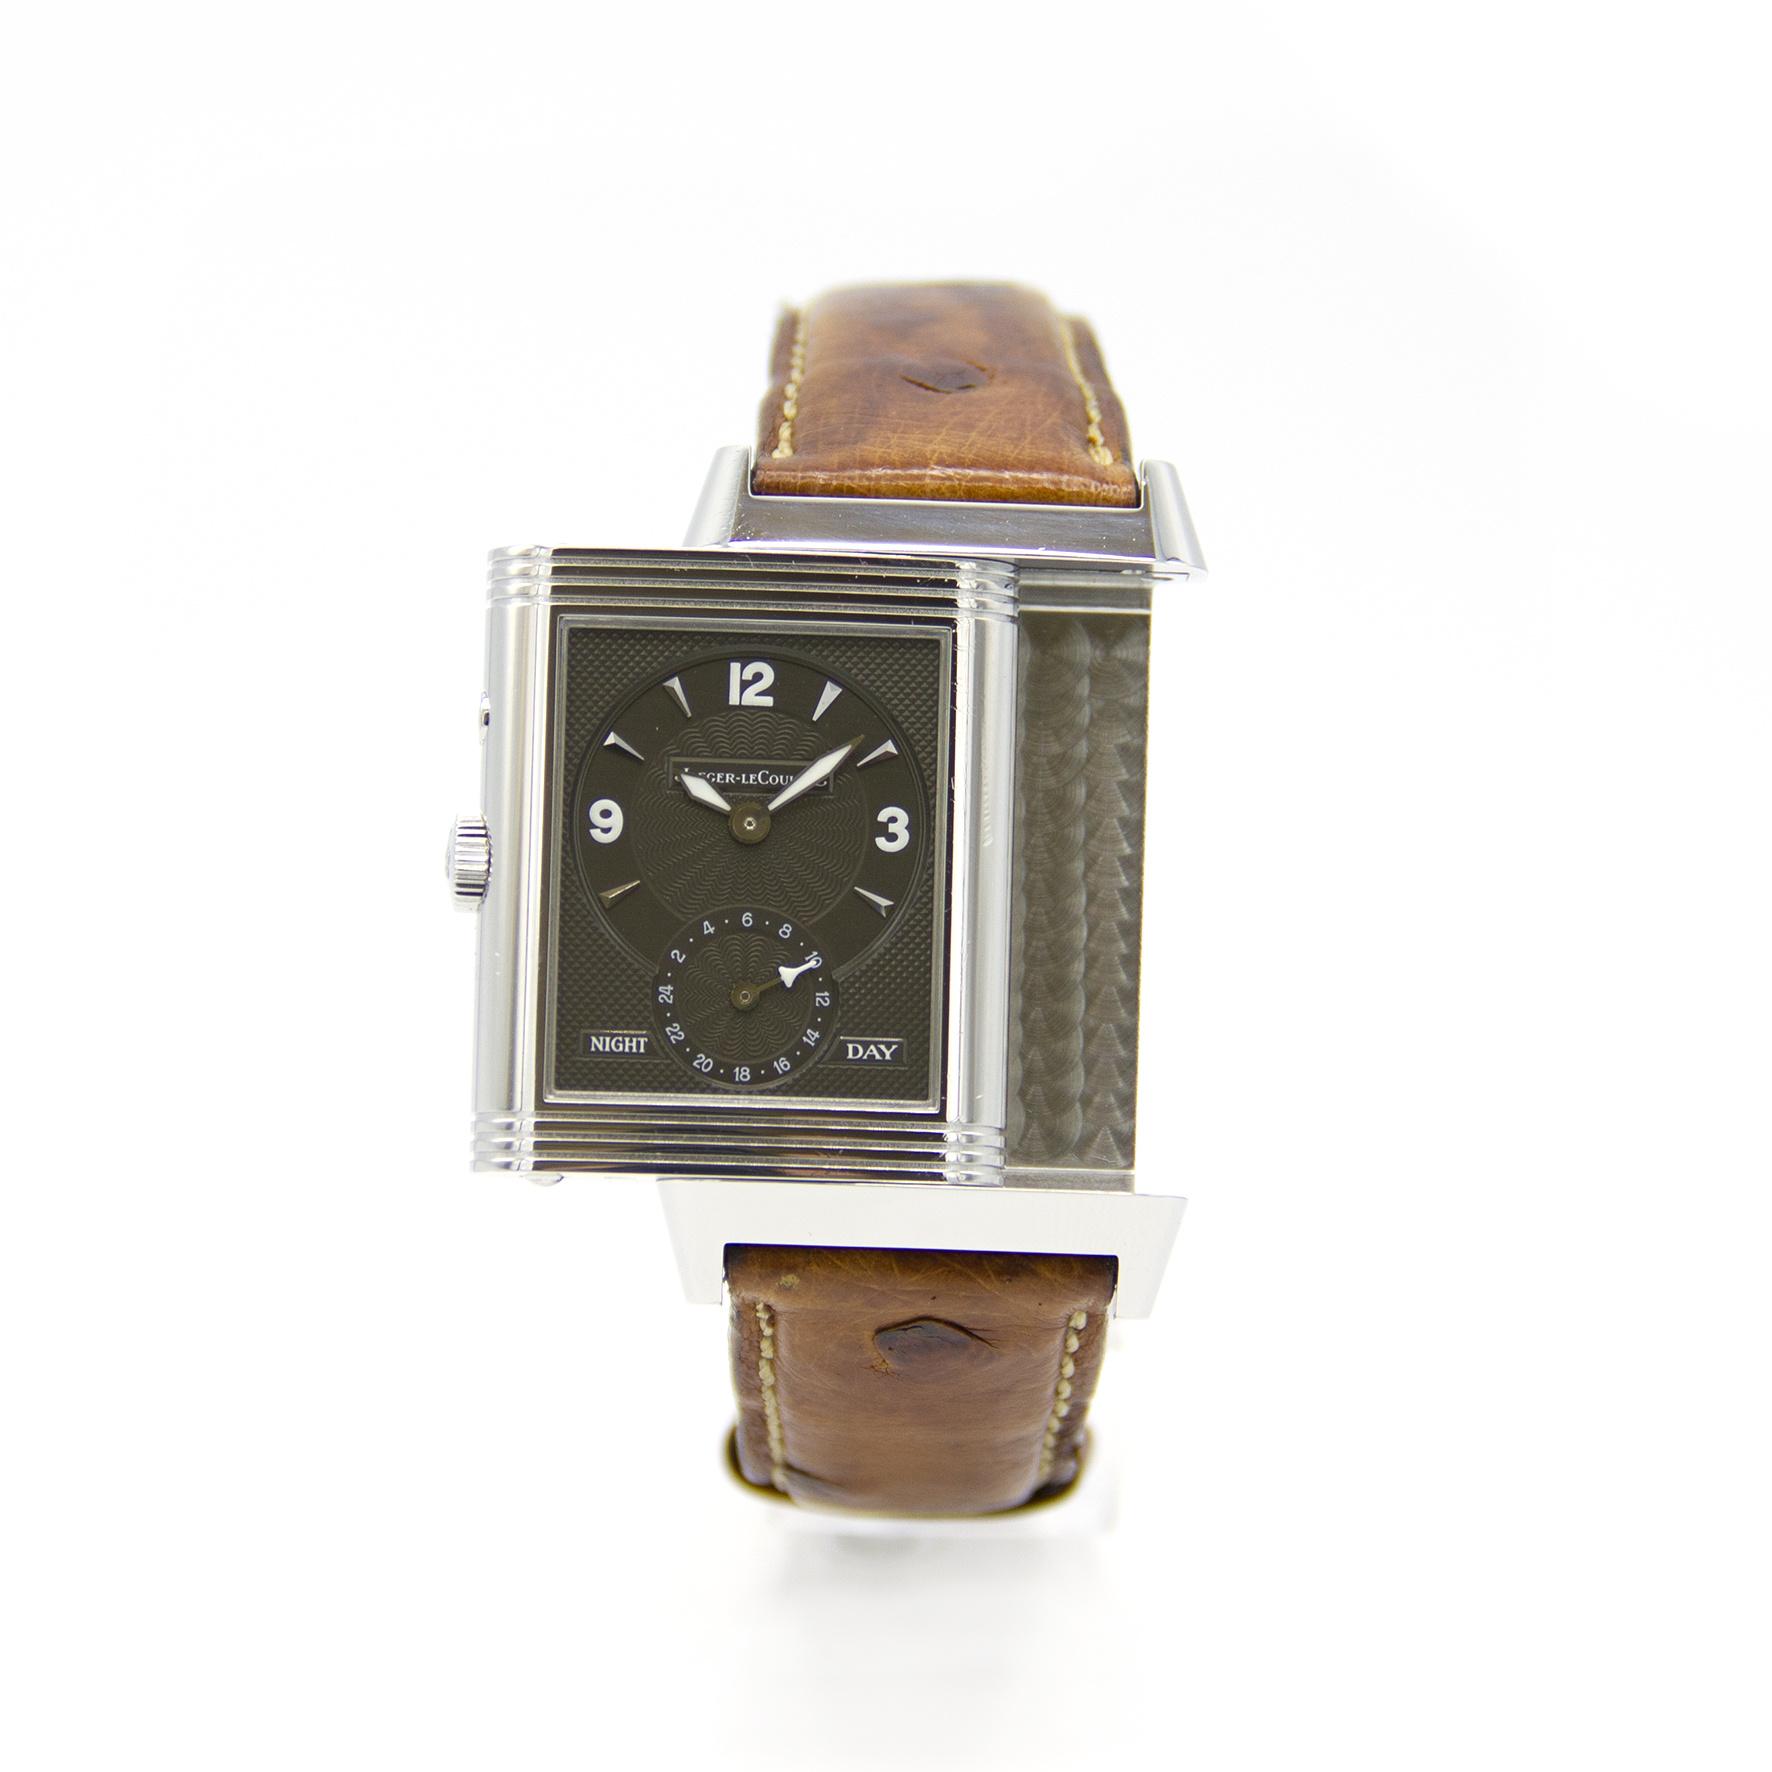 Jaeger-LeCoultre - Duo Face - Horloge Heren - 270.8.54-8